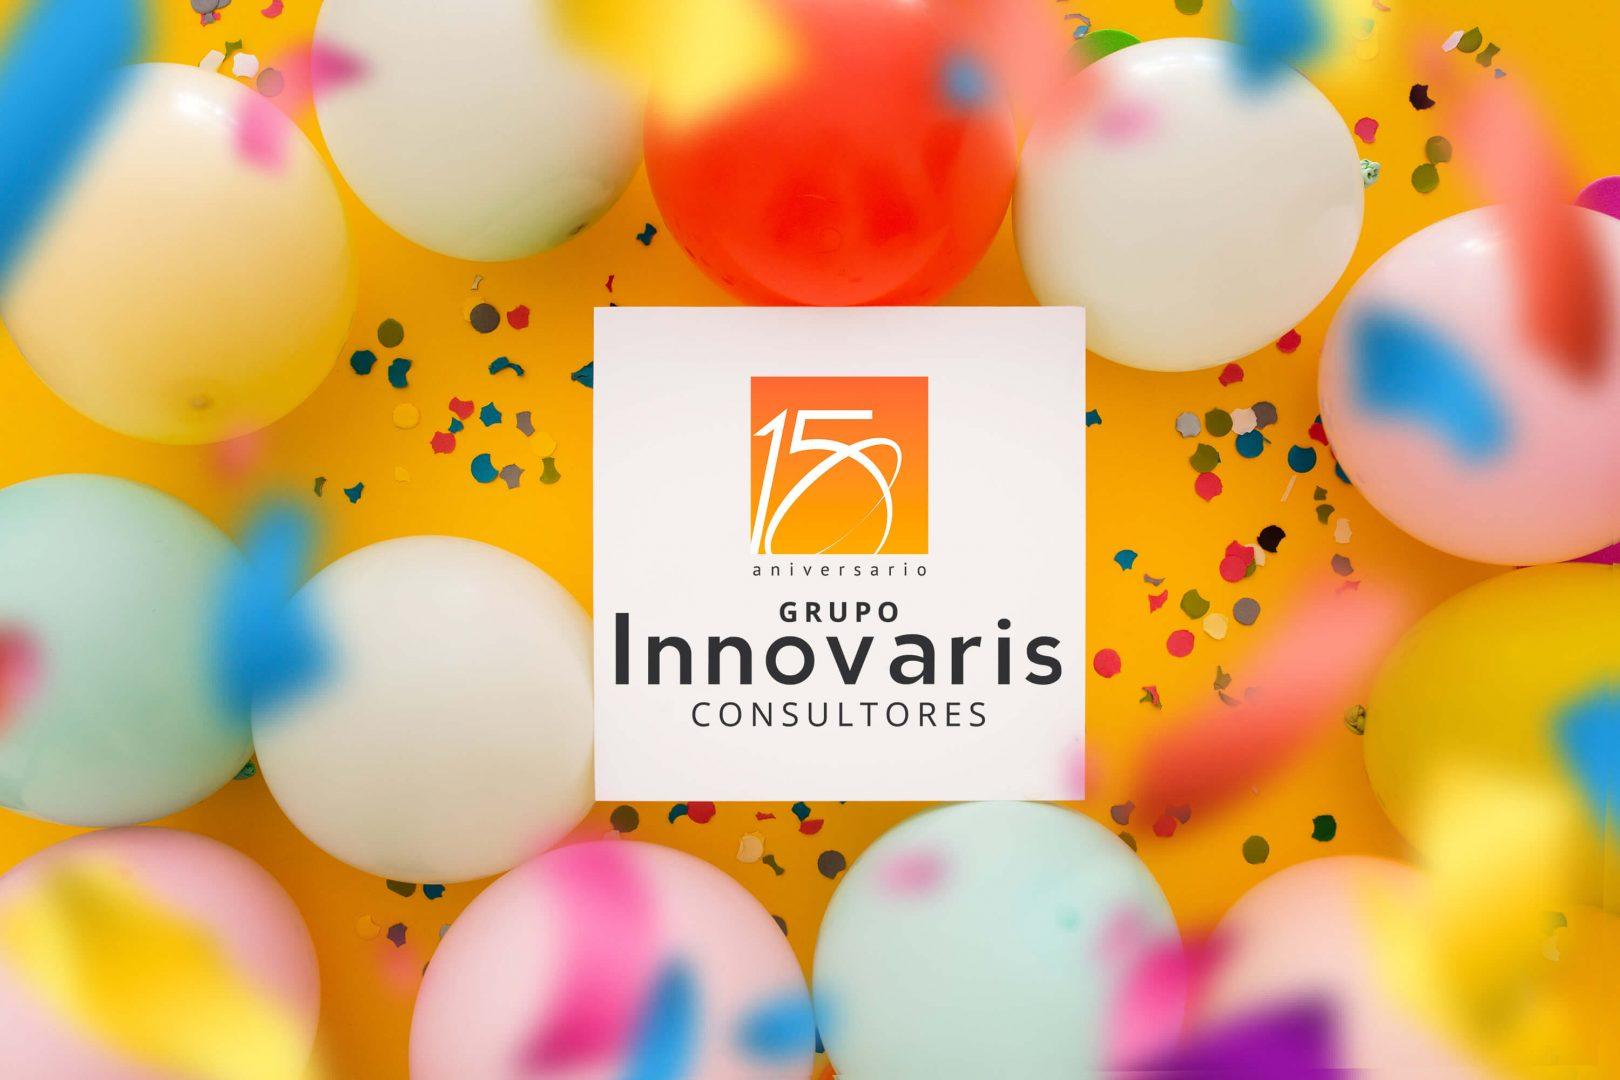 Grupo Innovaris cumplimos 15 años